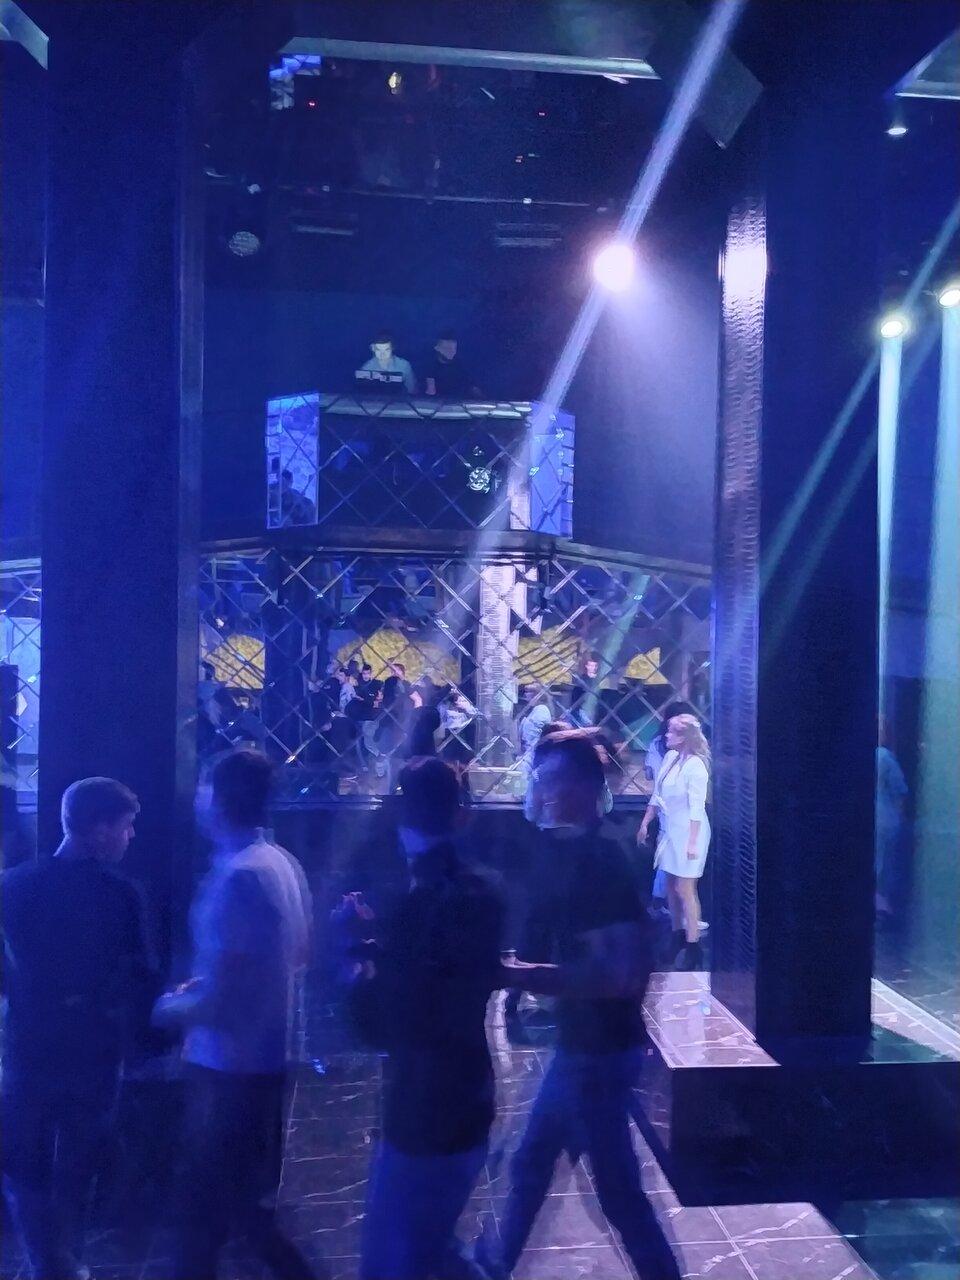 Клуб на савушкина ночной клуб владивосток закрытые ночные